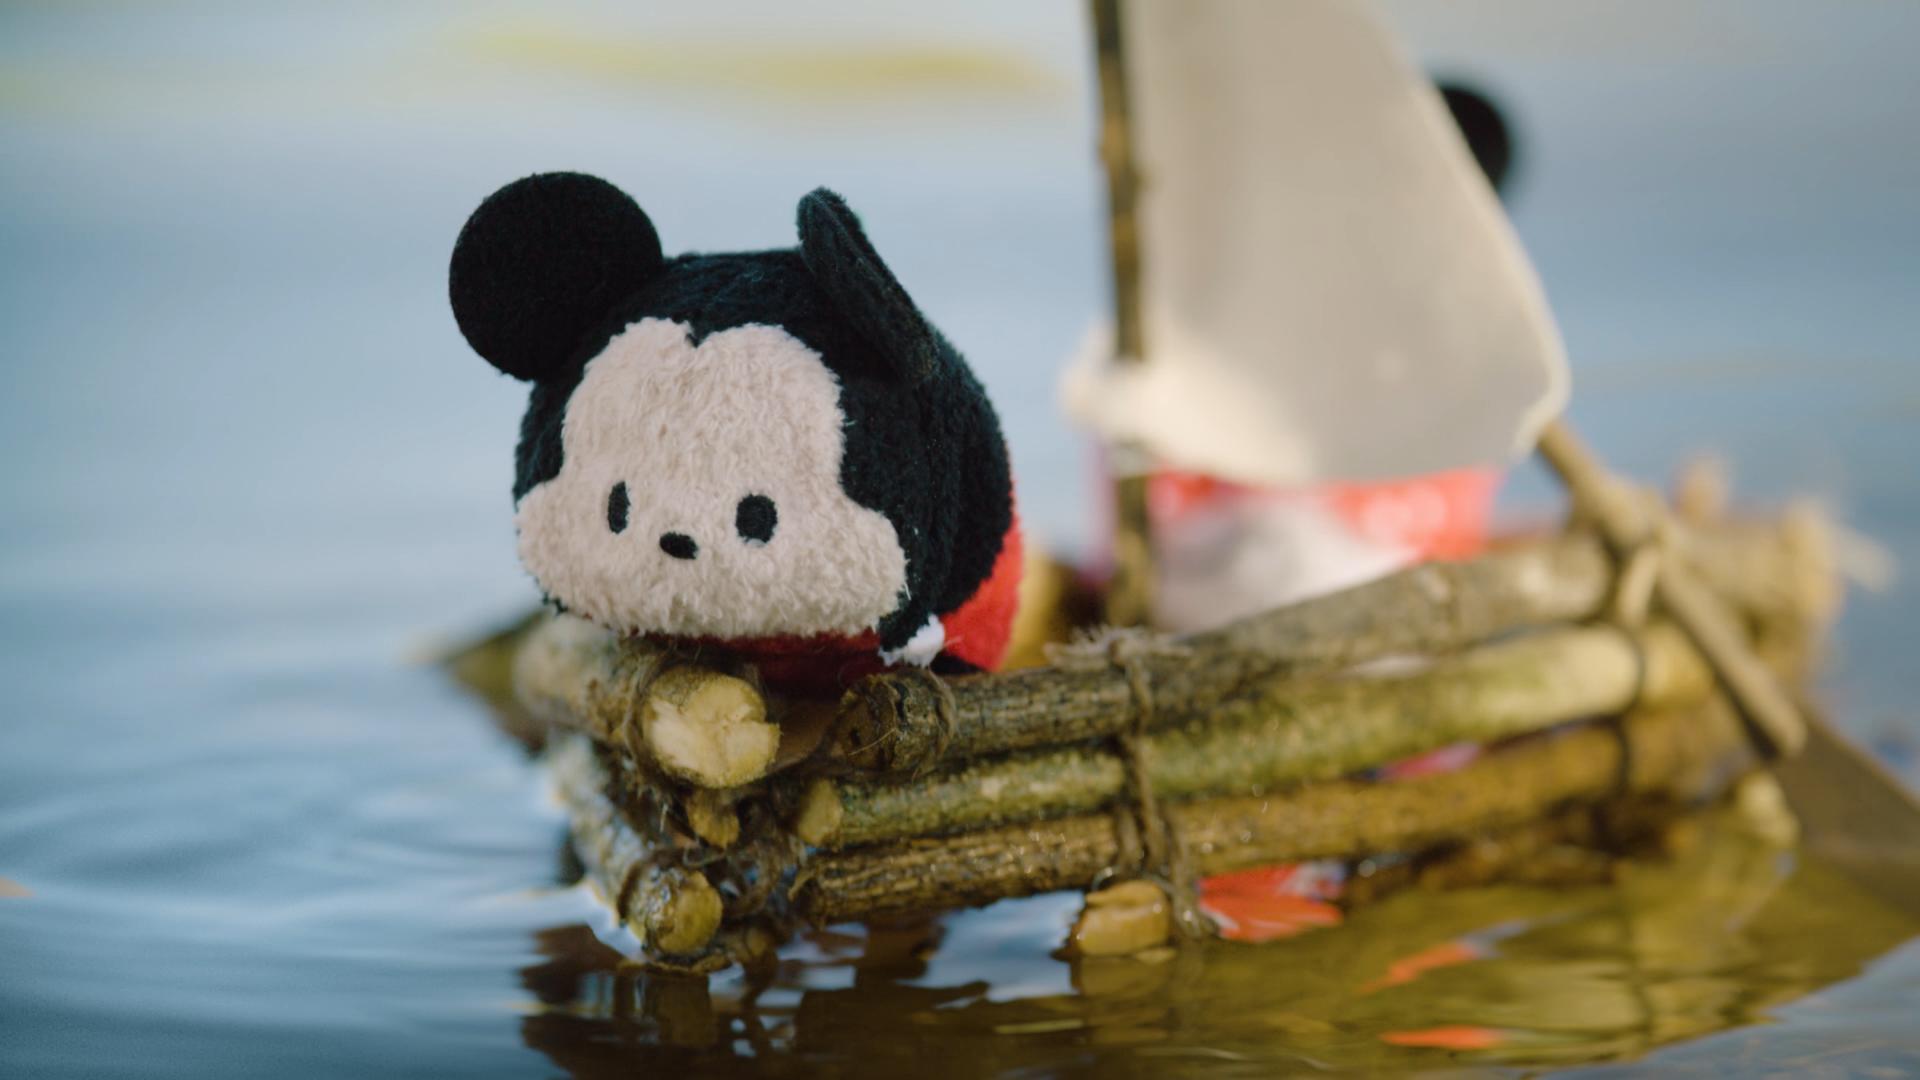 TSUM TSUM KINGDOM: TAKE ME FISHING